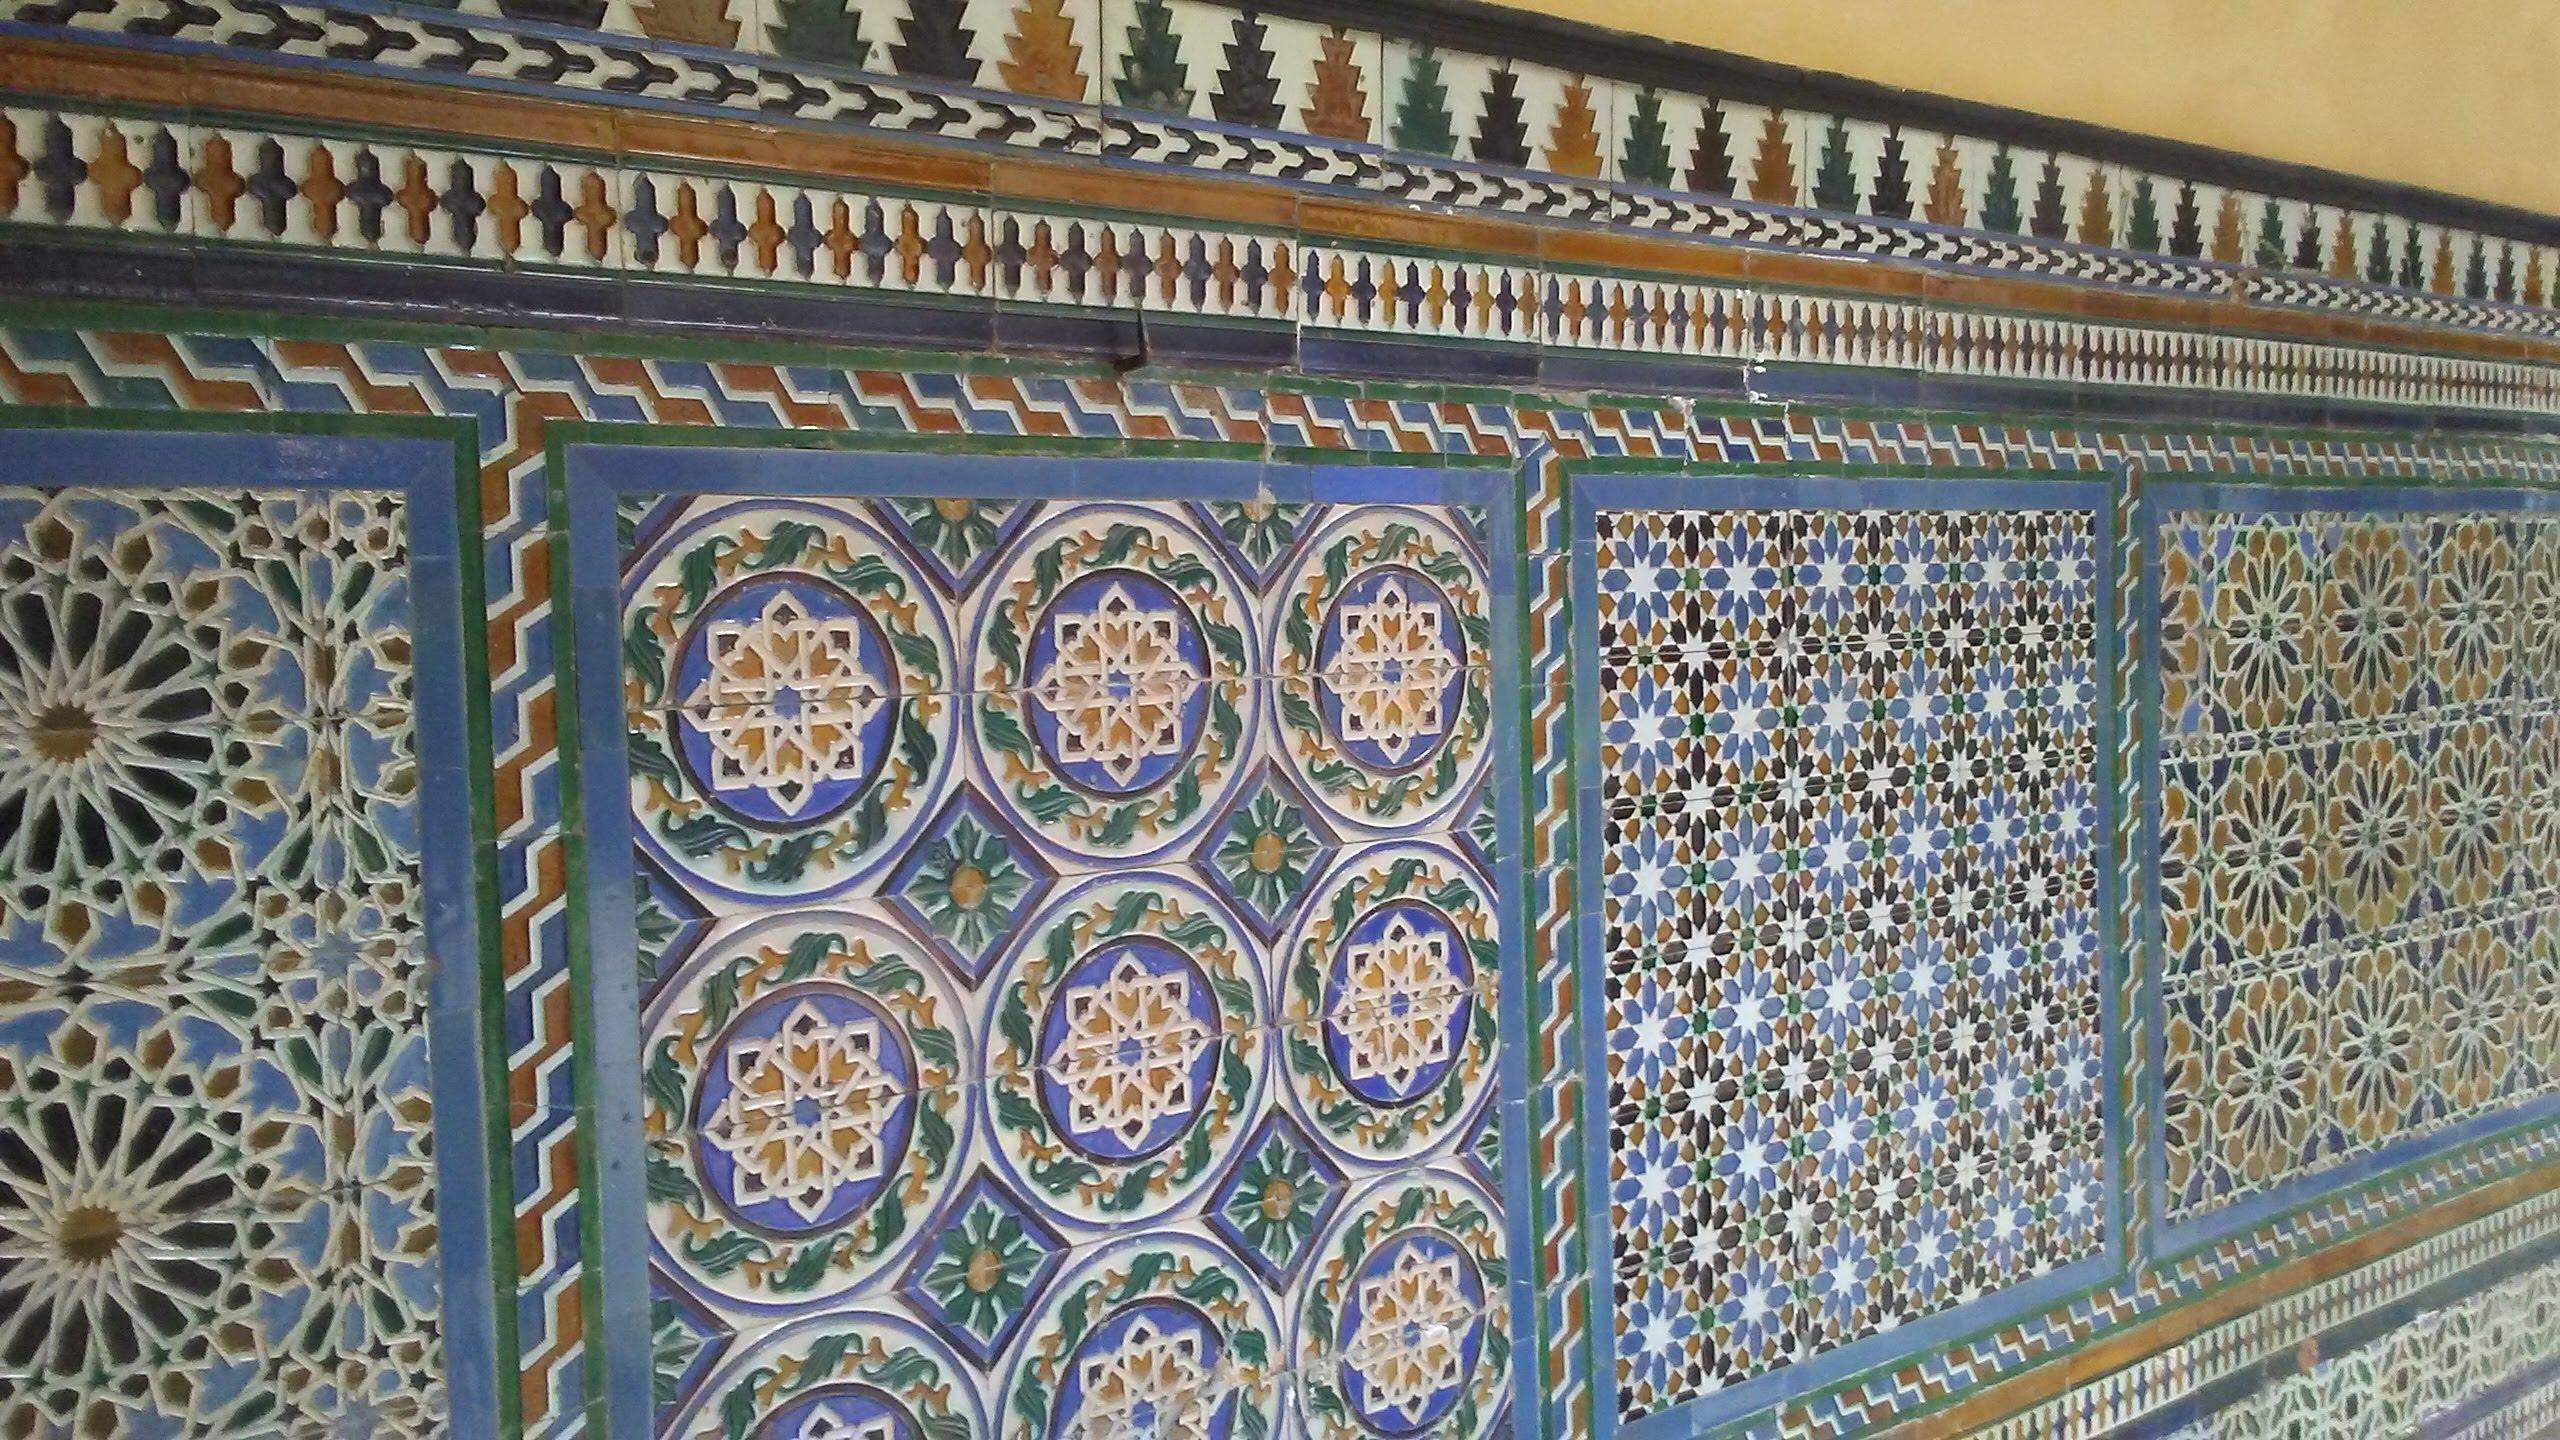 アルハンブラ宮殿@スペインでの旅行日記